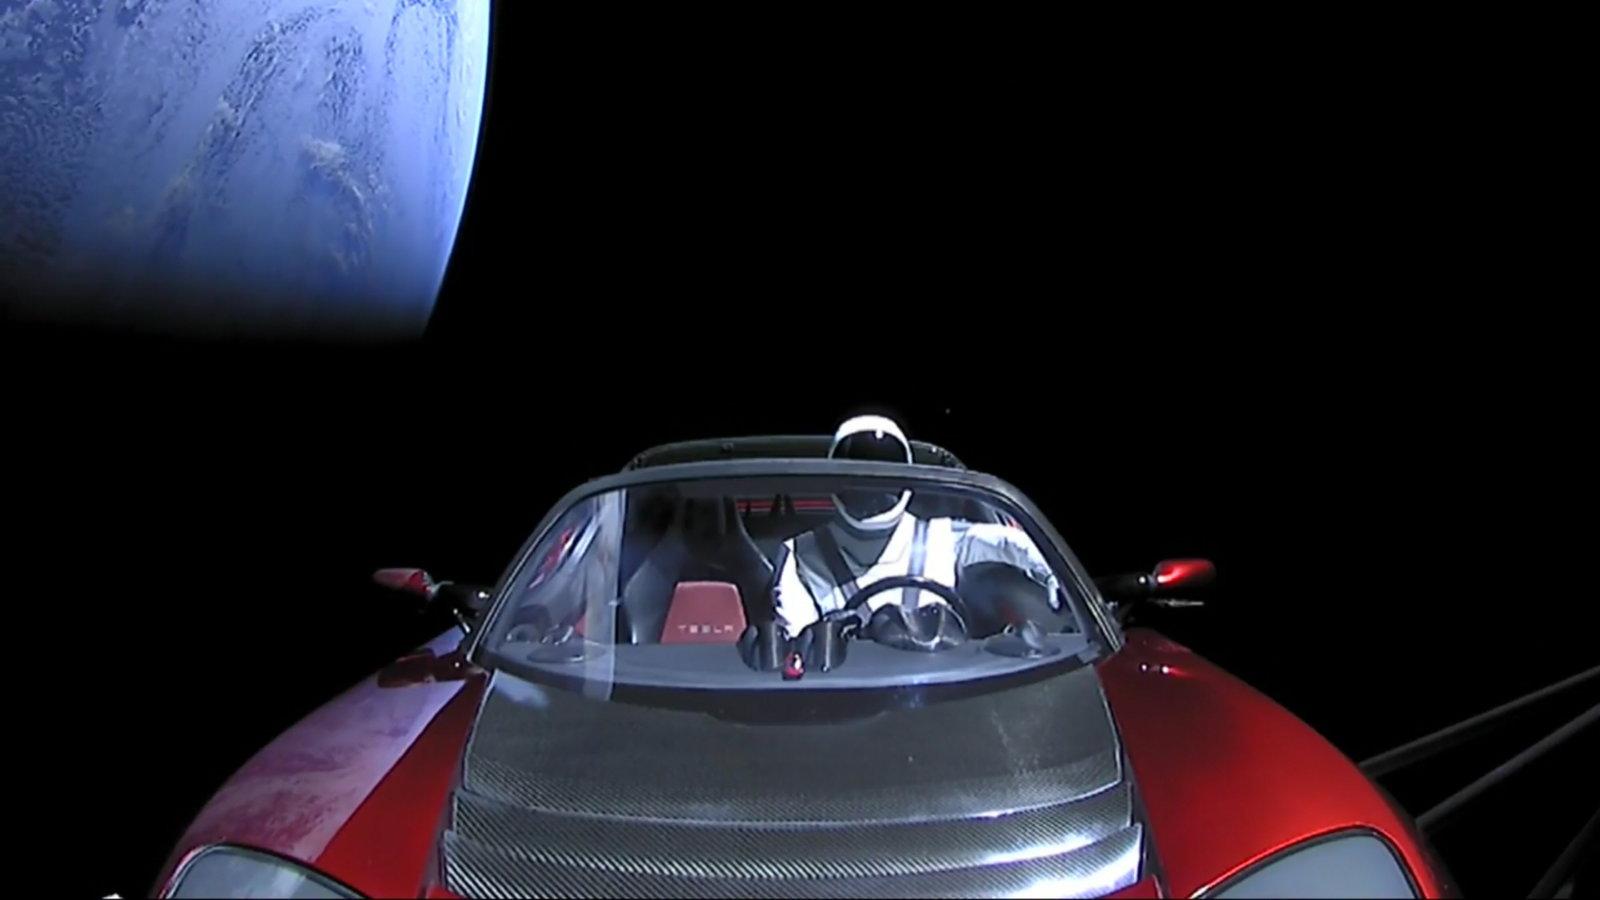 spacex_roadster2-jpg.3208